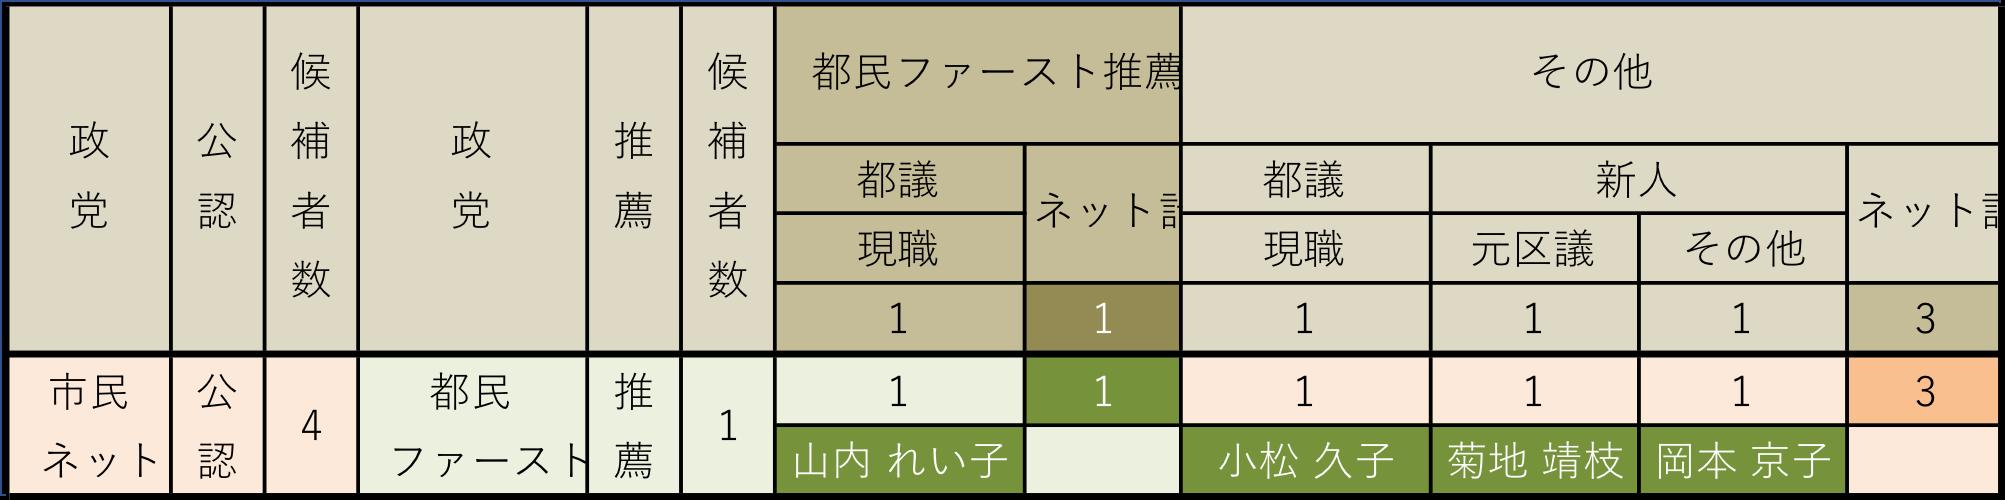 170516コラム 図表2